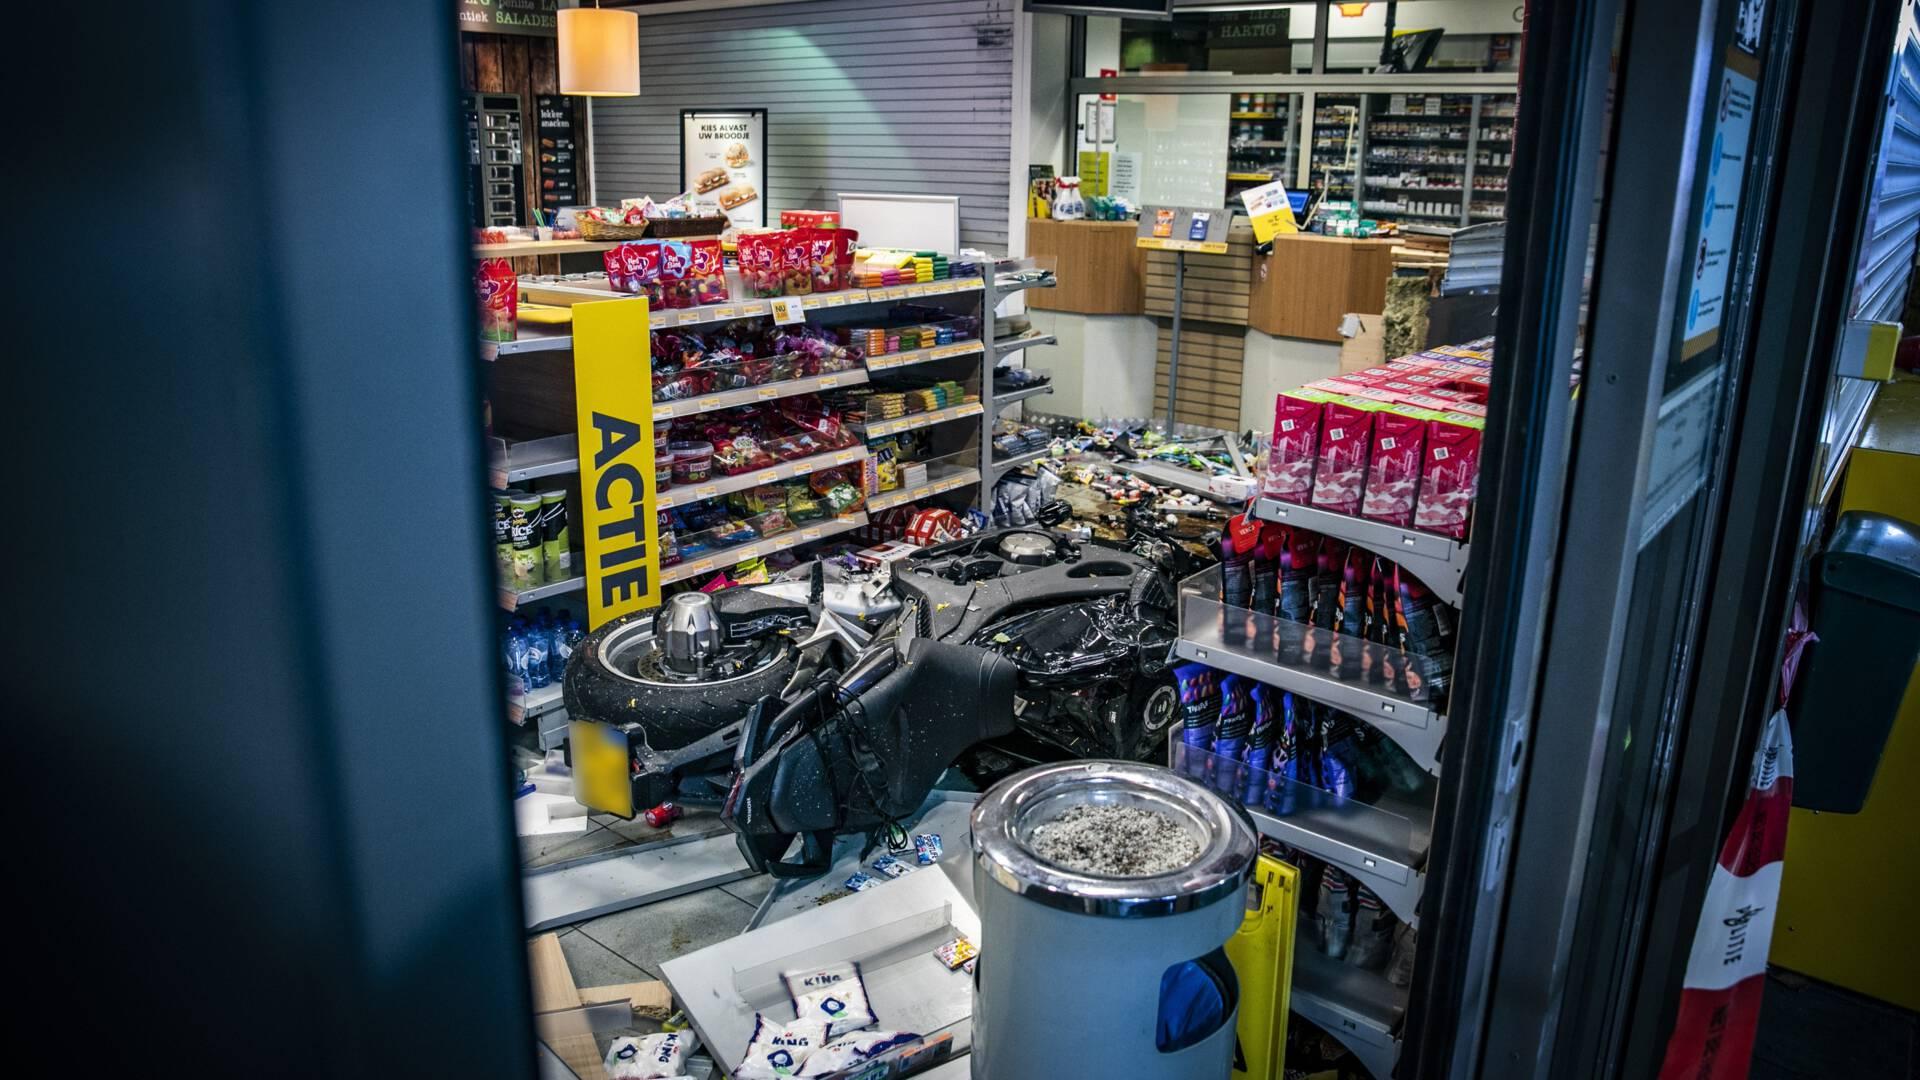 سائق دراجة نارية يخترق متجراً في محطة بنزين في Elst